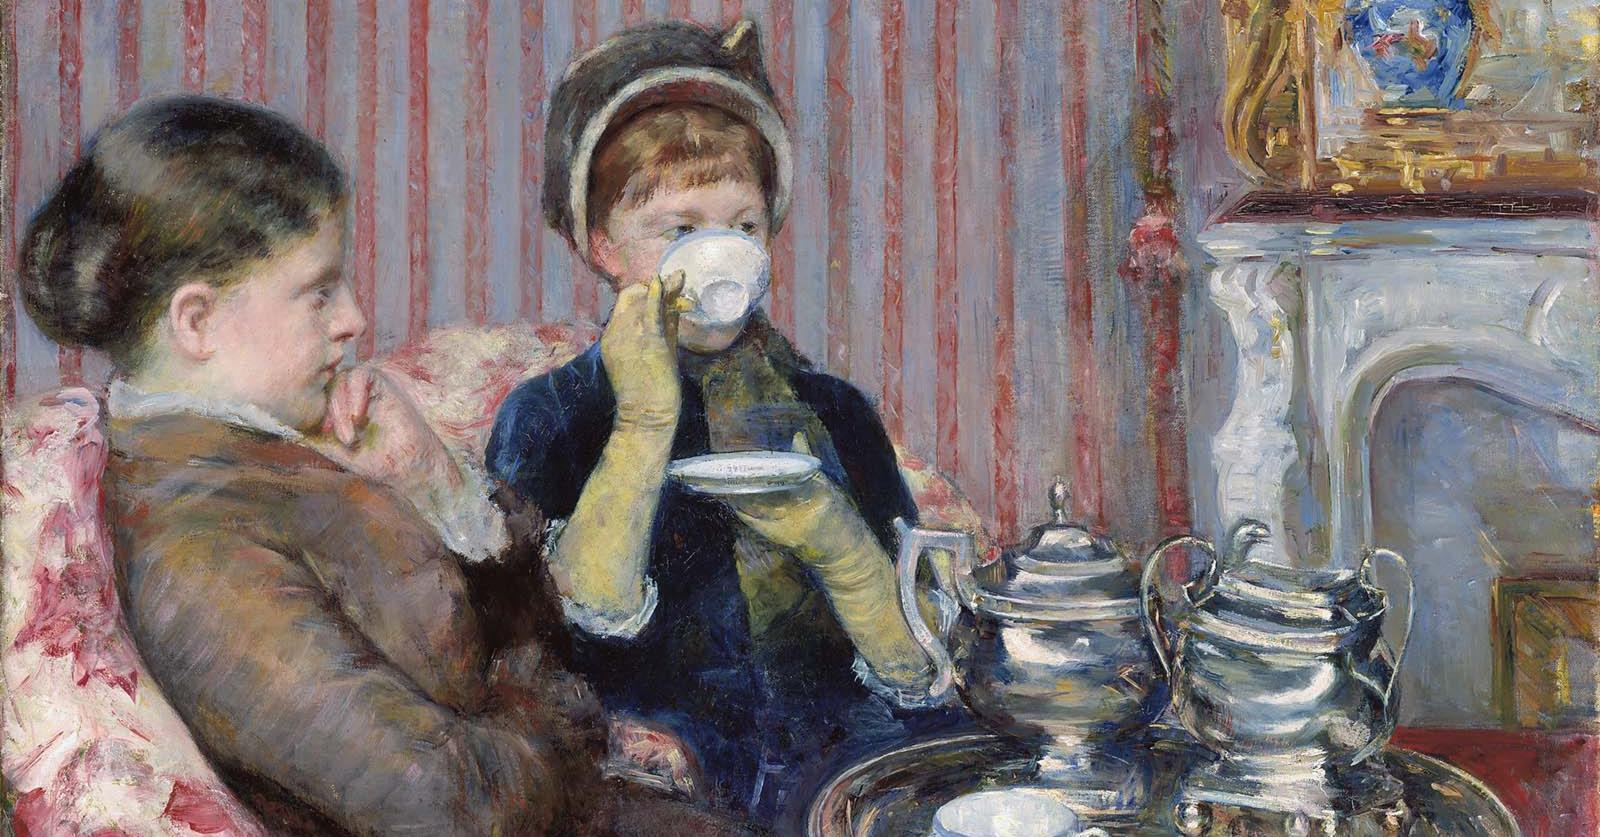 Painter Of Modern Women World Of Art Series Mary Cassatt